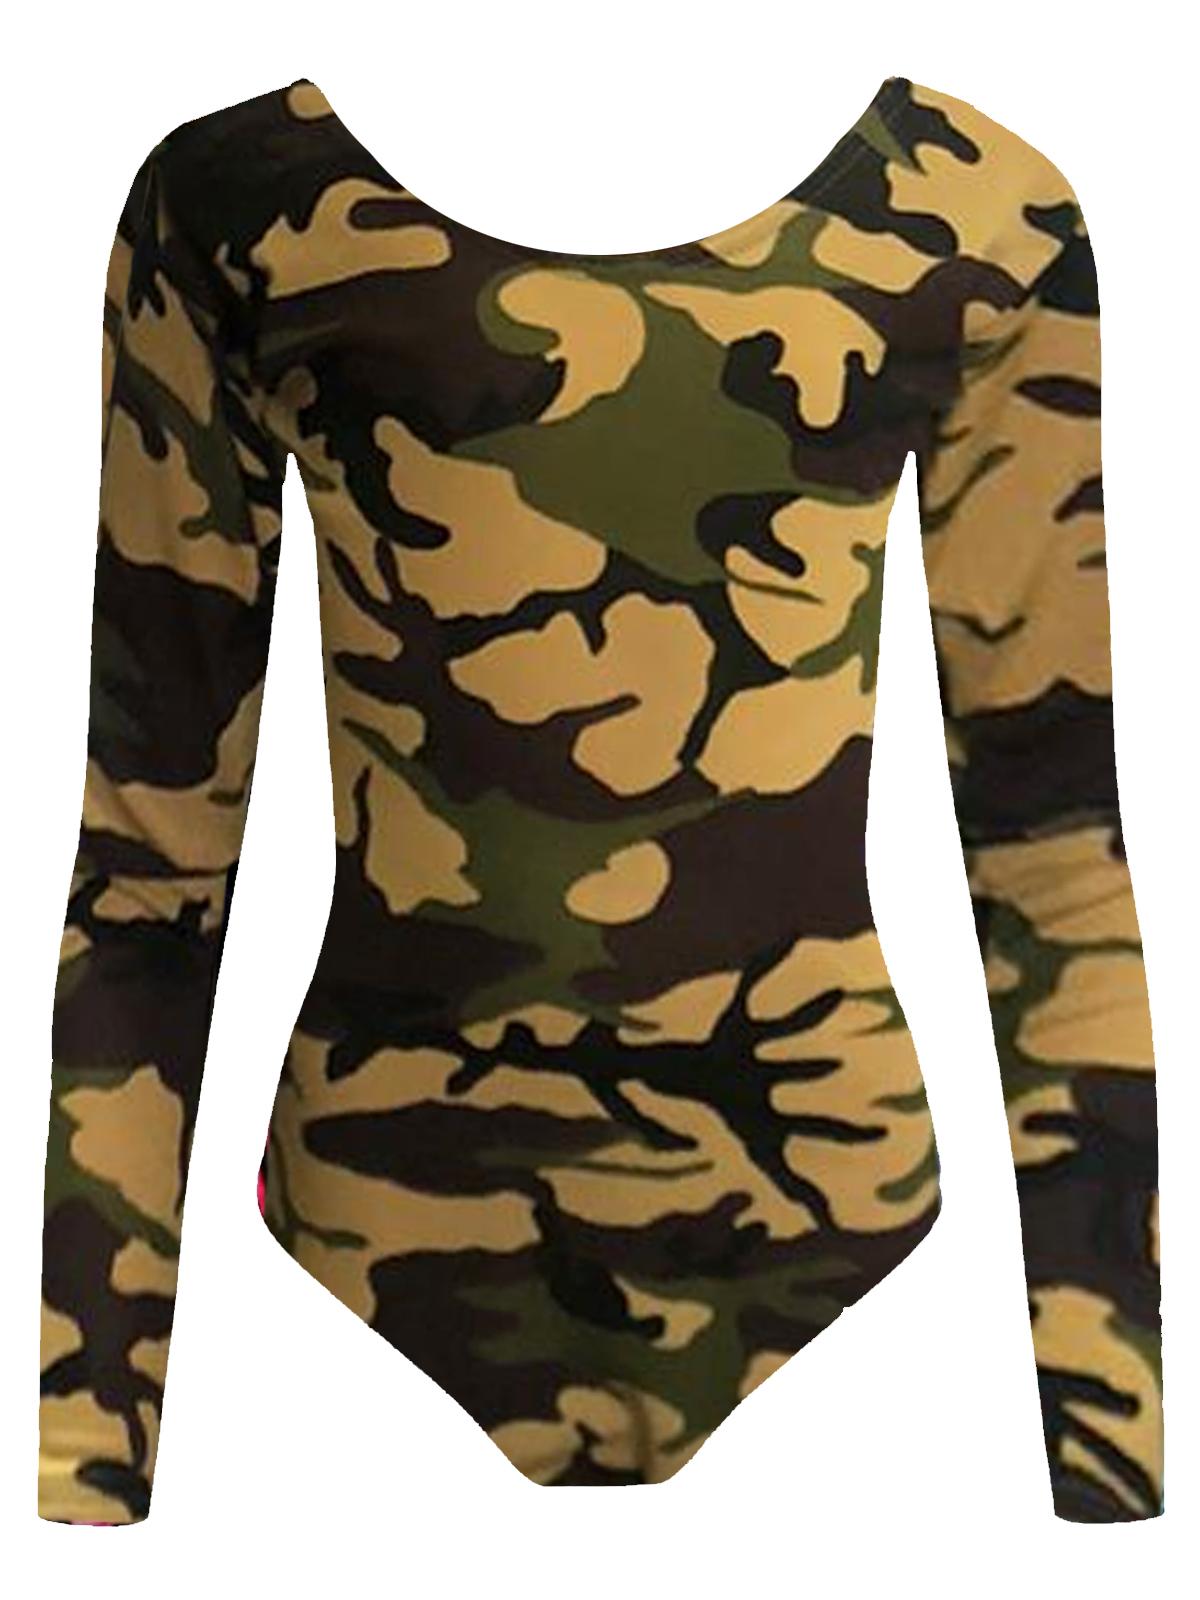 Crazy Chick Girls Camouflage Leotard